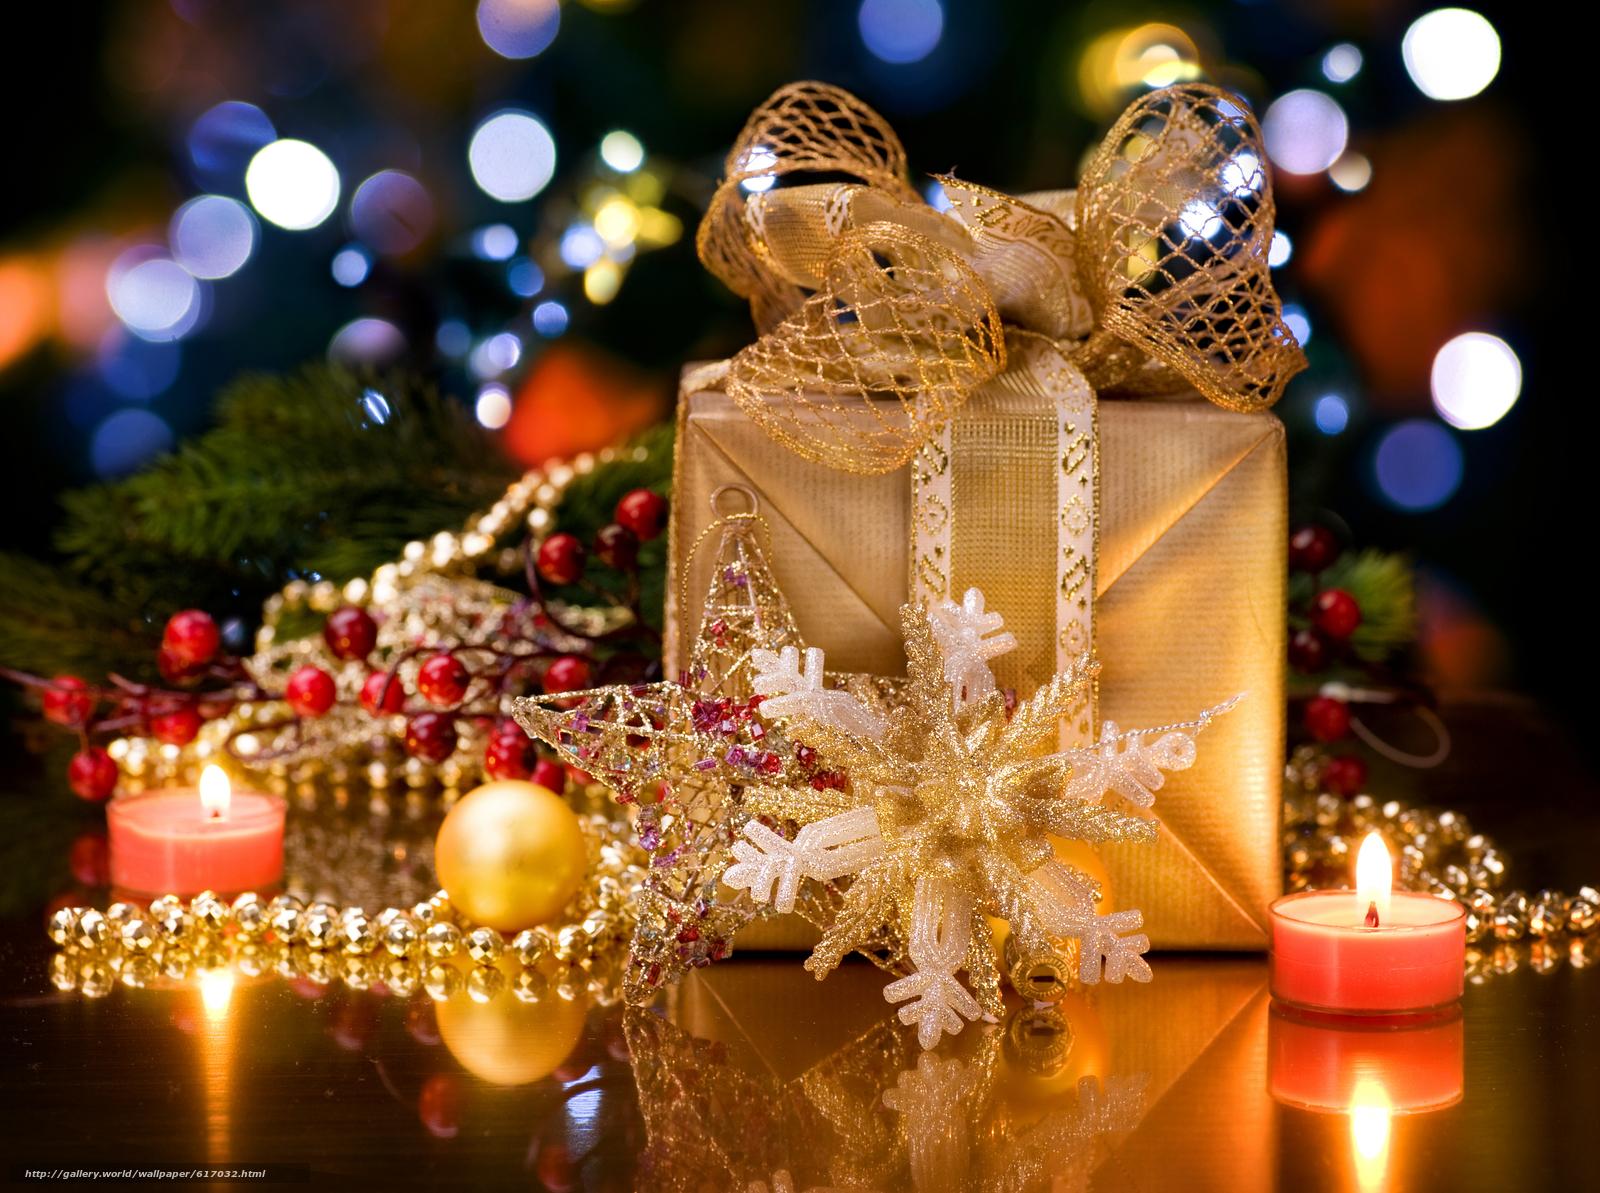 Скачать на телефон обои фото картинку на тему новый, год, украшения, подарки, разширение 7572x5644